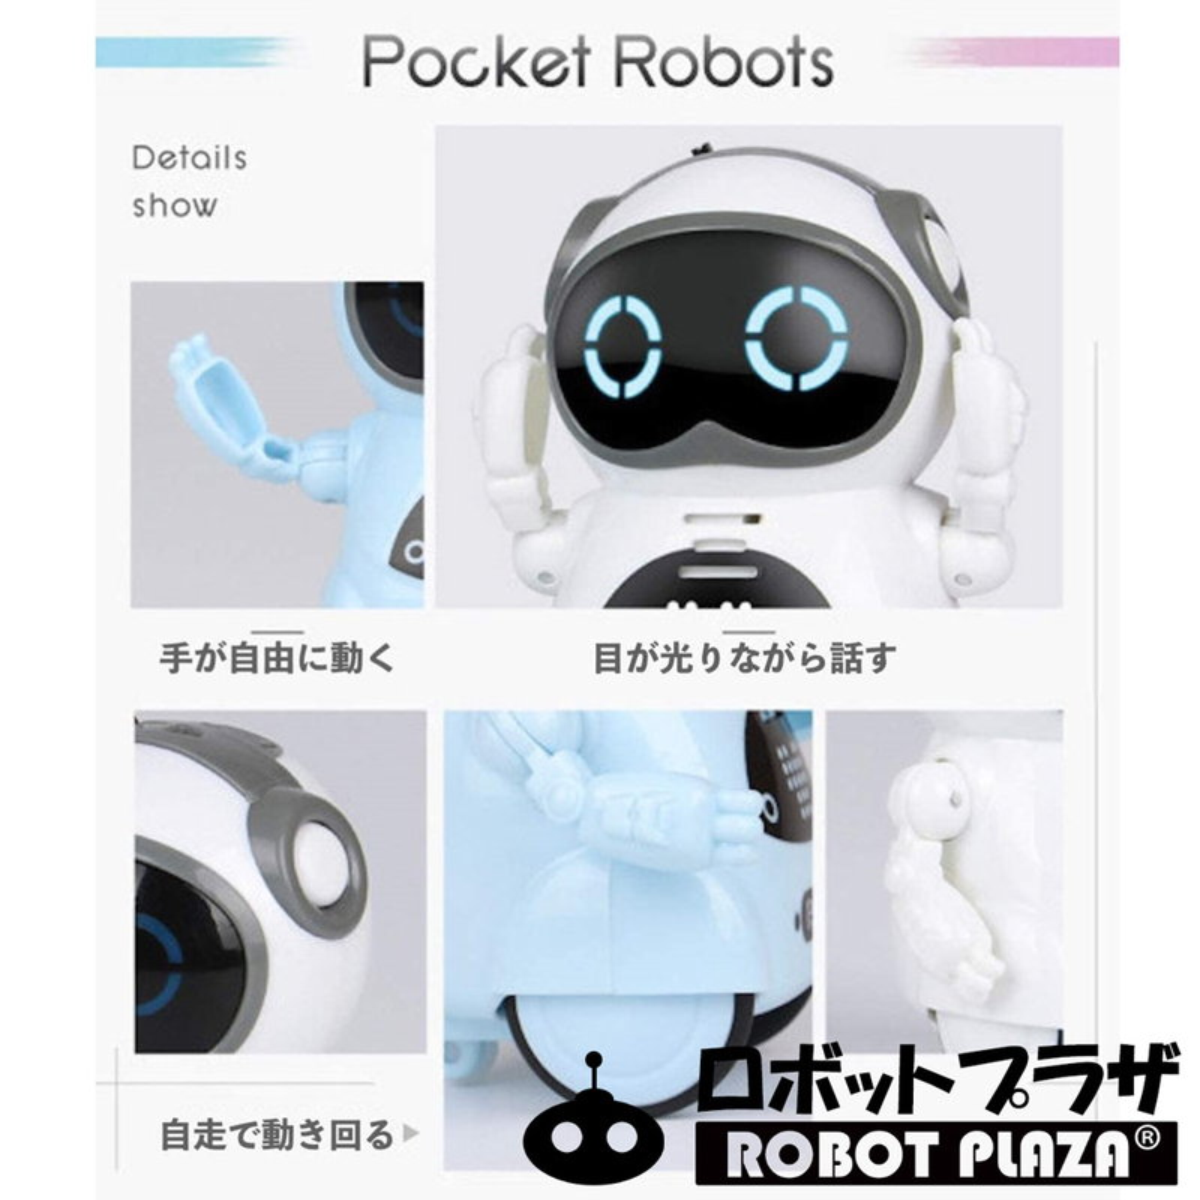 英語 勉強 ロボット おもちゃ コミュニケーション 知育 教育 音声認識 音声会話